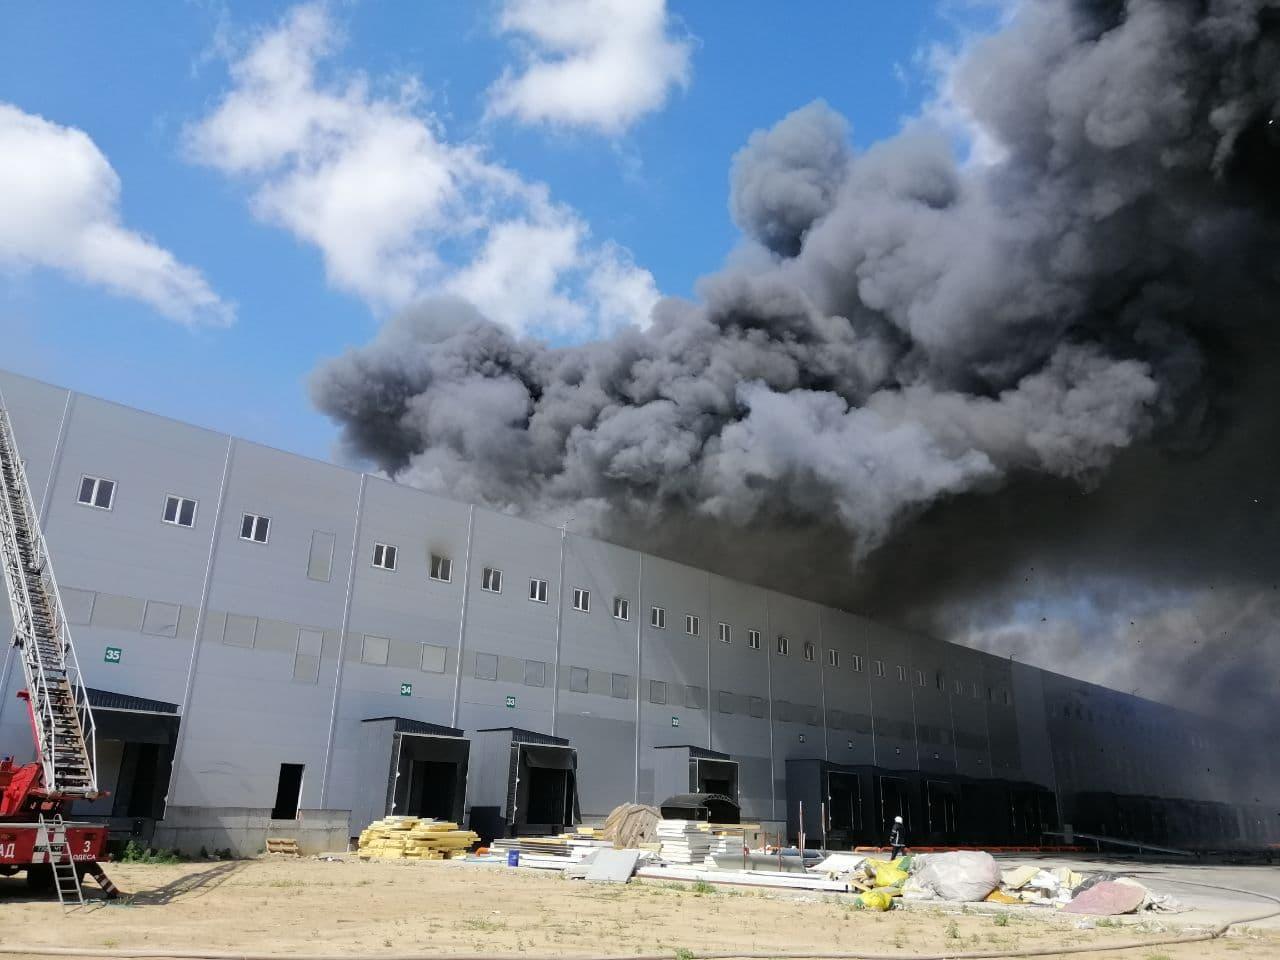 Под Одессой произошел масштабный пожар на складах. Огонь охватил 10 000 кв. м: фото, видео